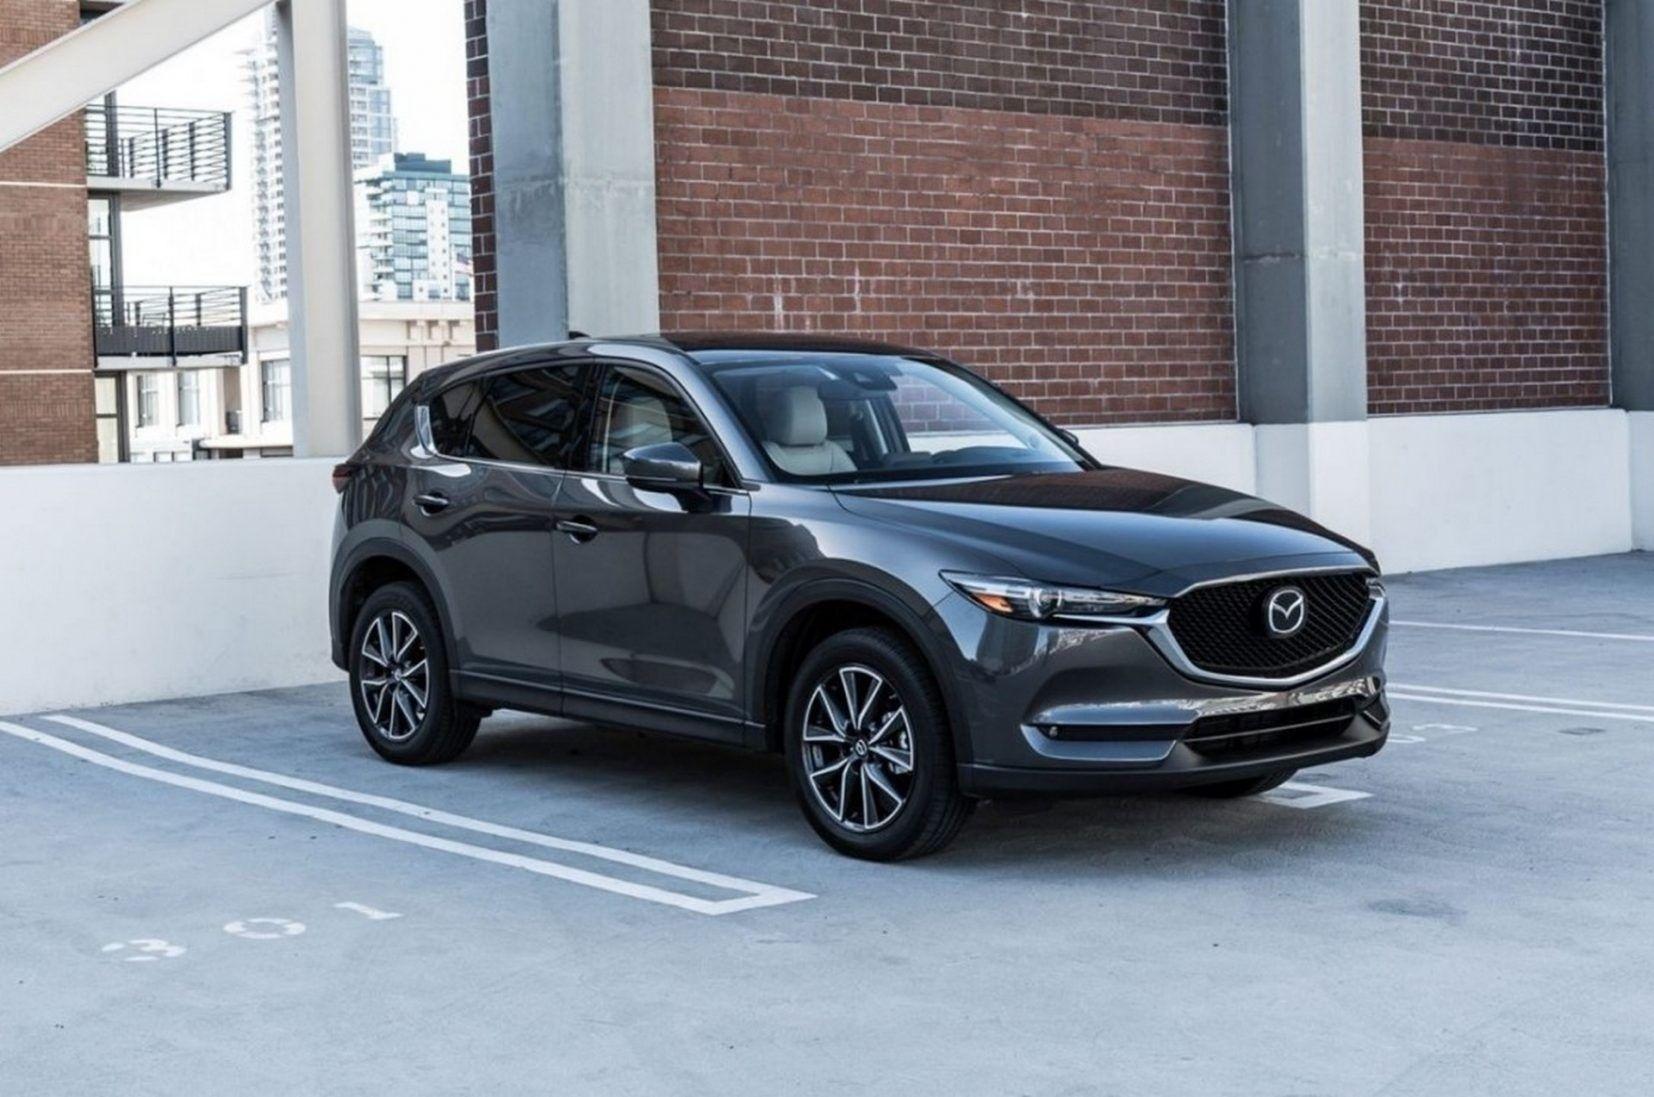 New Mazda Cx 9 2019 Review And Specs Mazda Mobil Baru Mobil